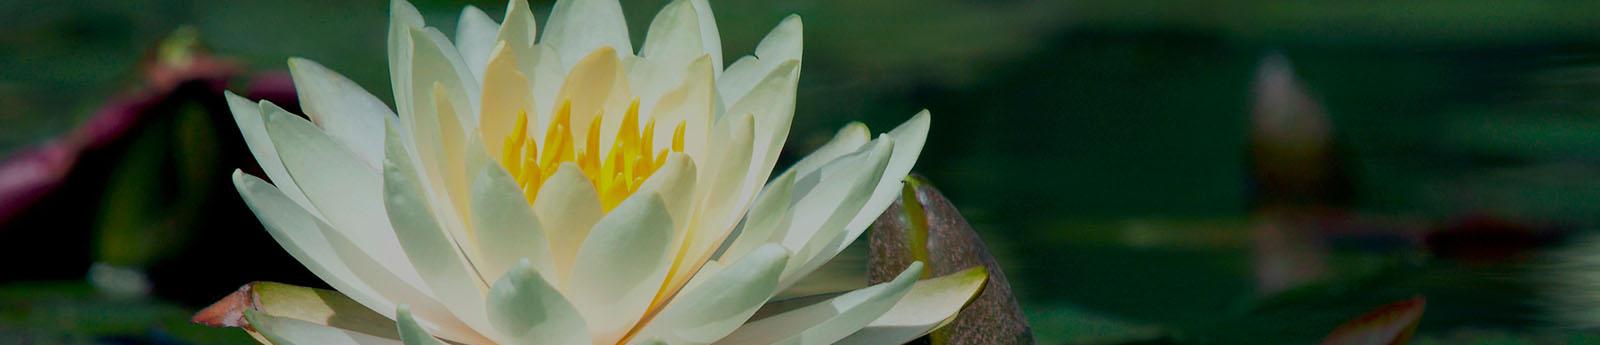 Resources | Maraman-Billings Funeral Home